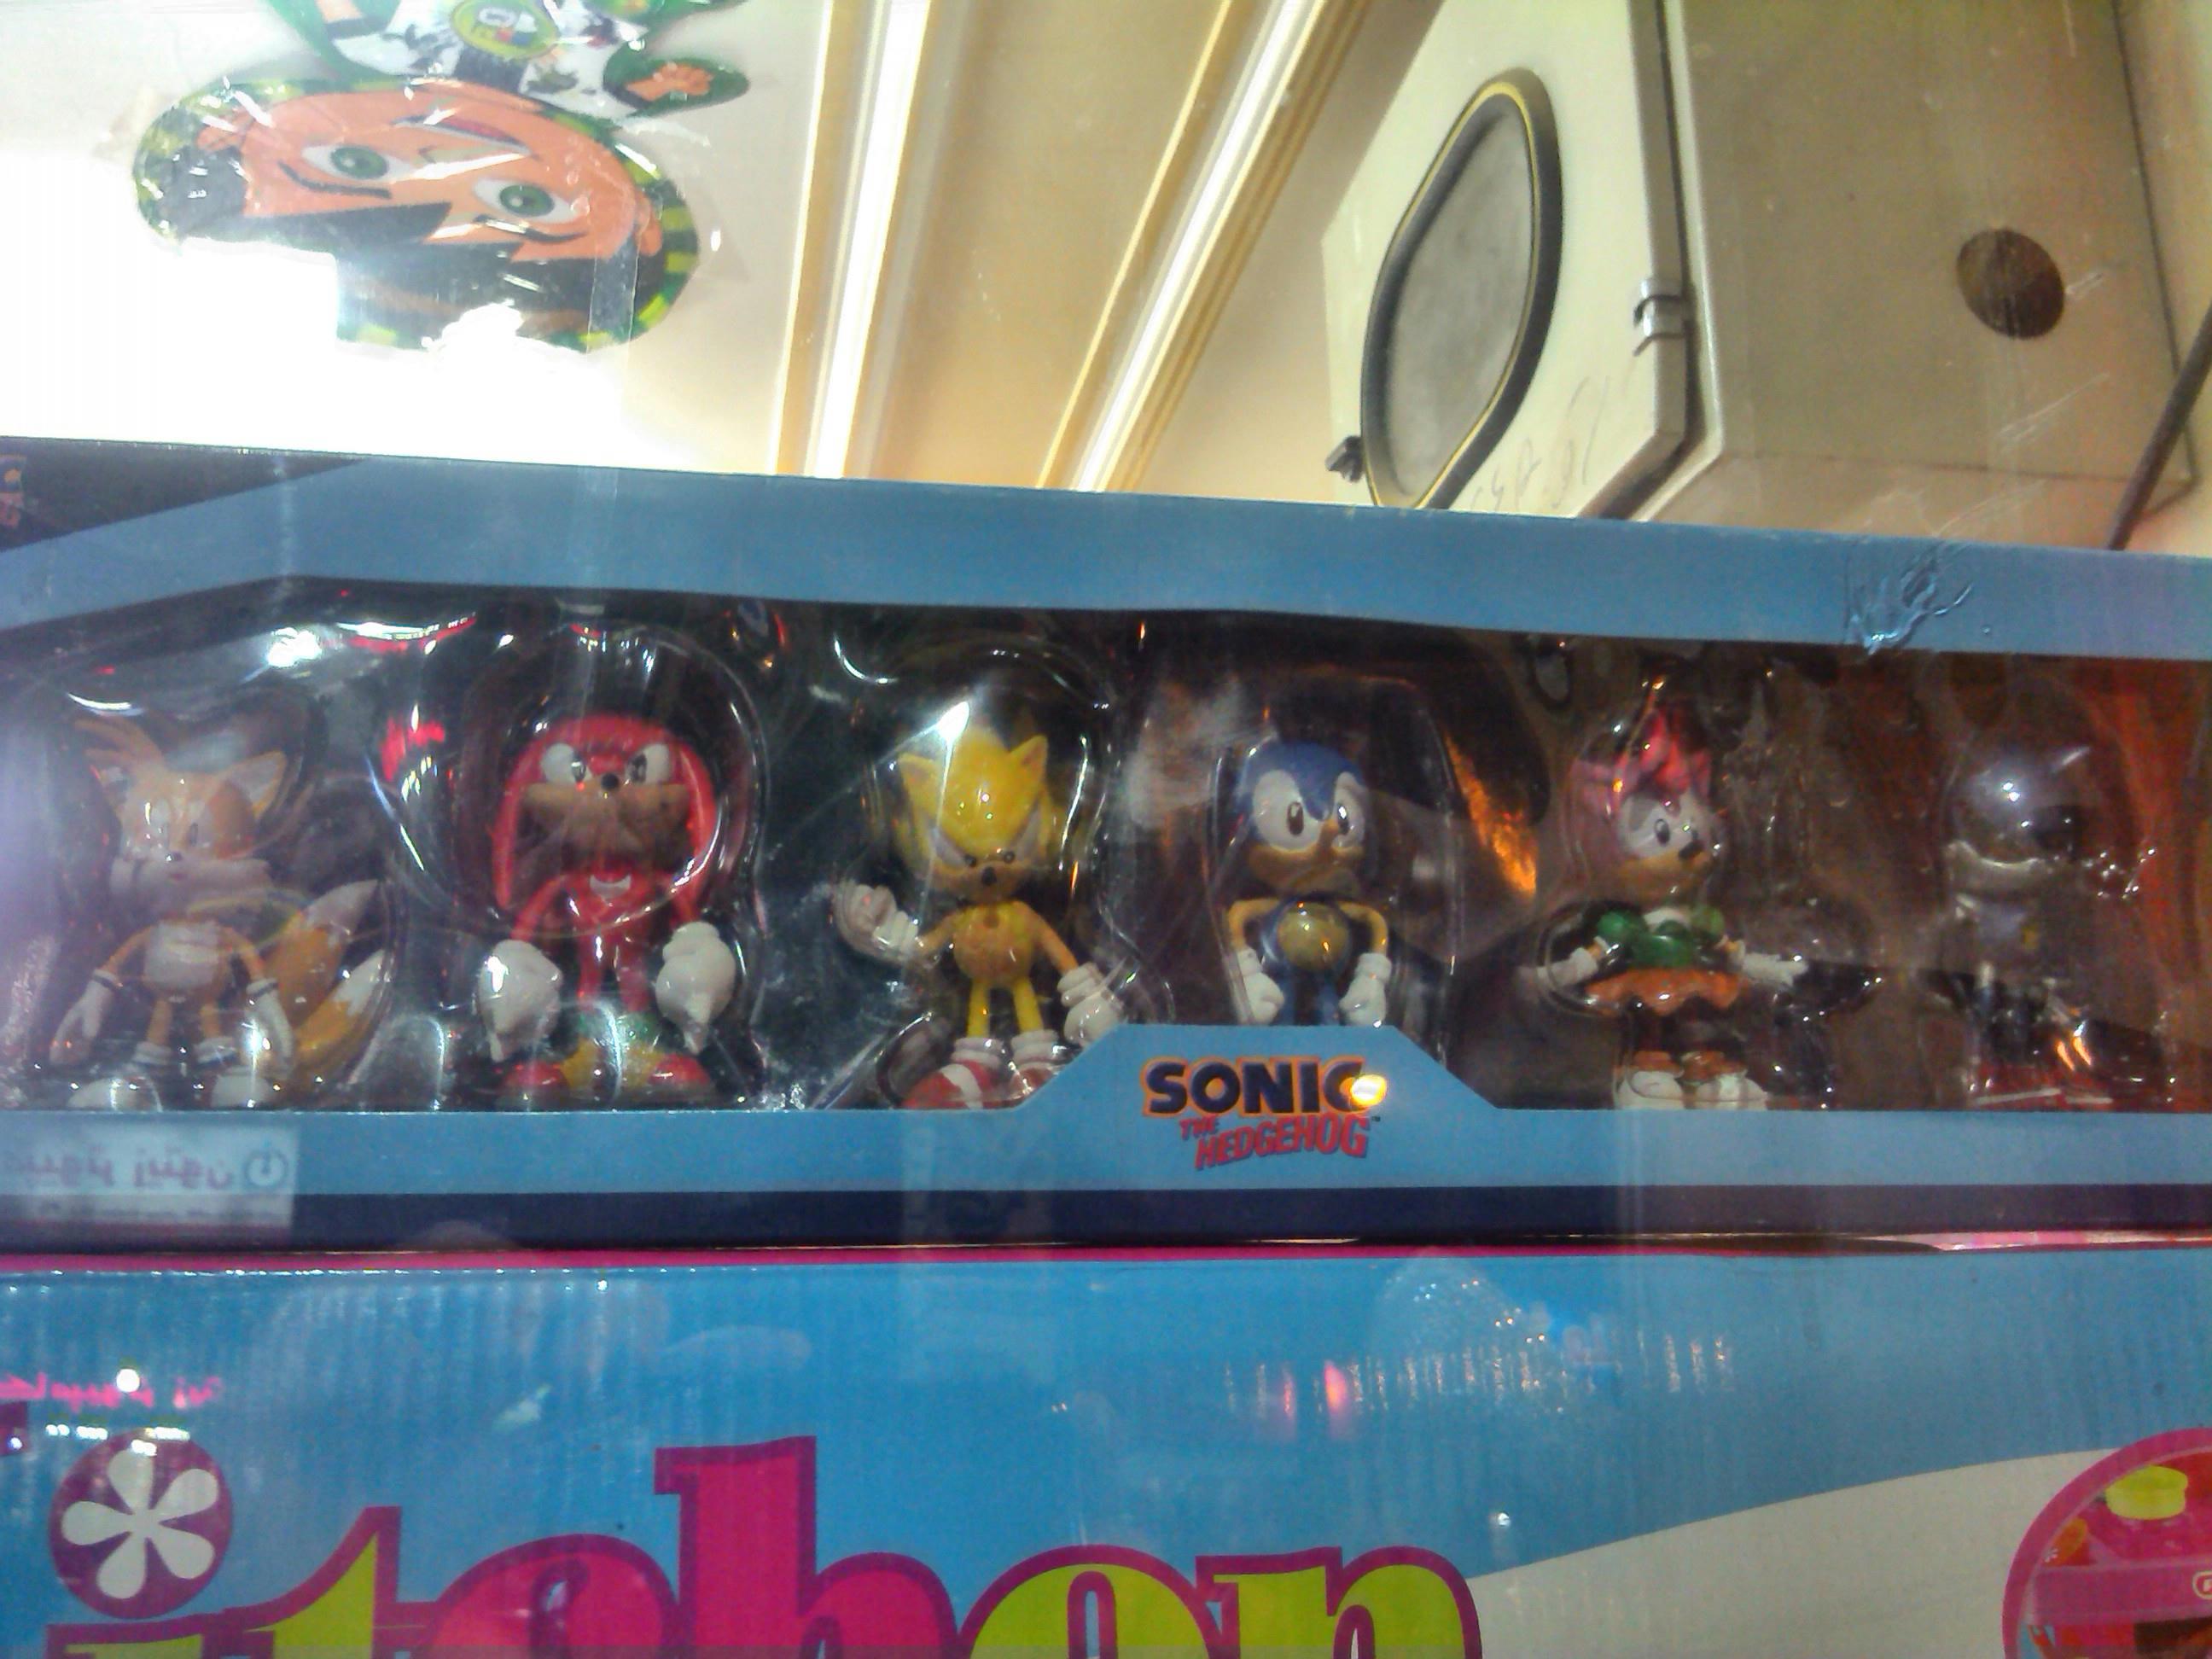 Sonic toys!